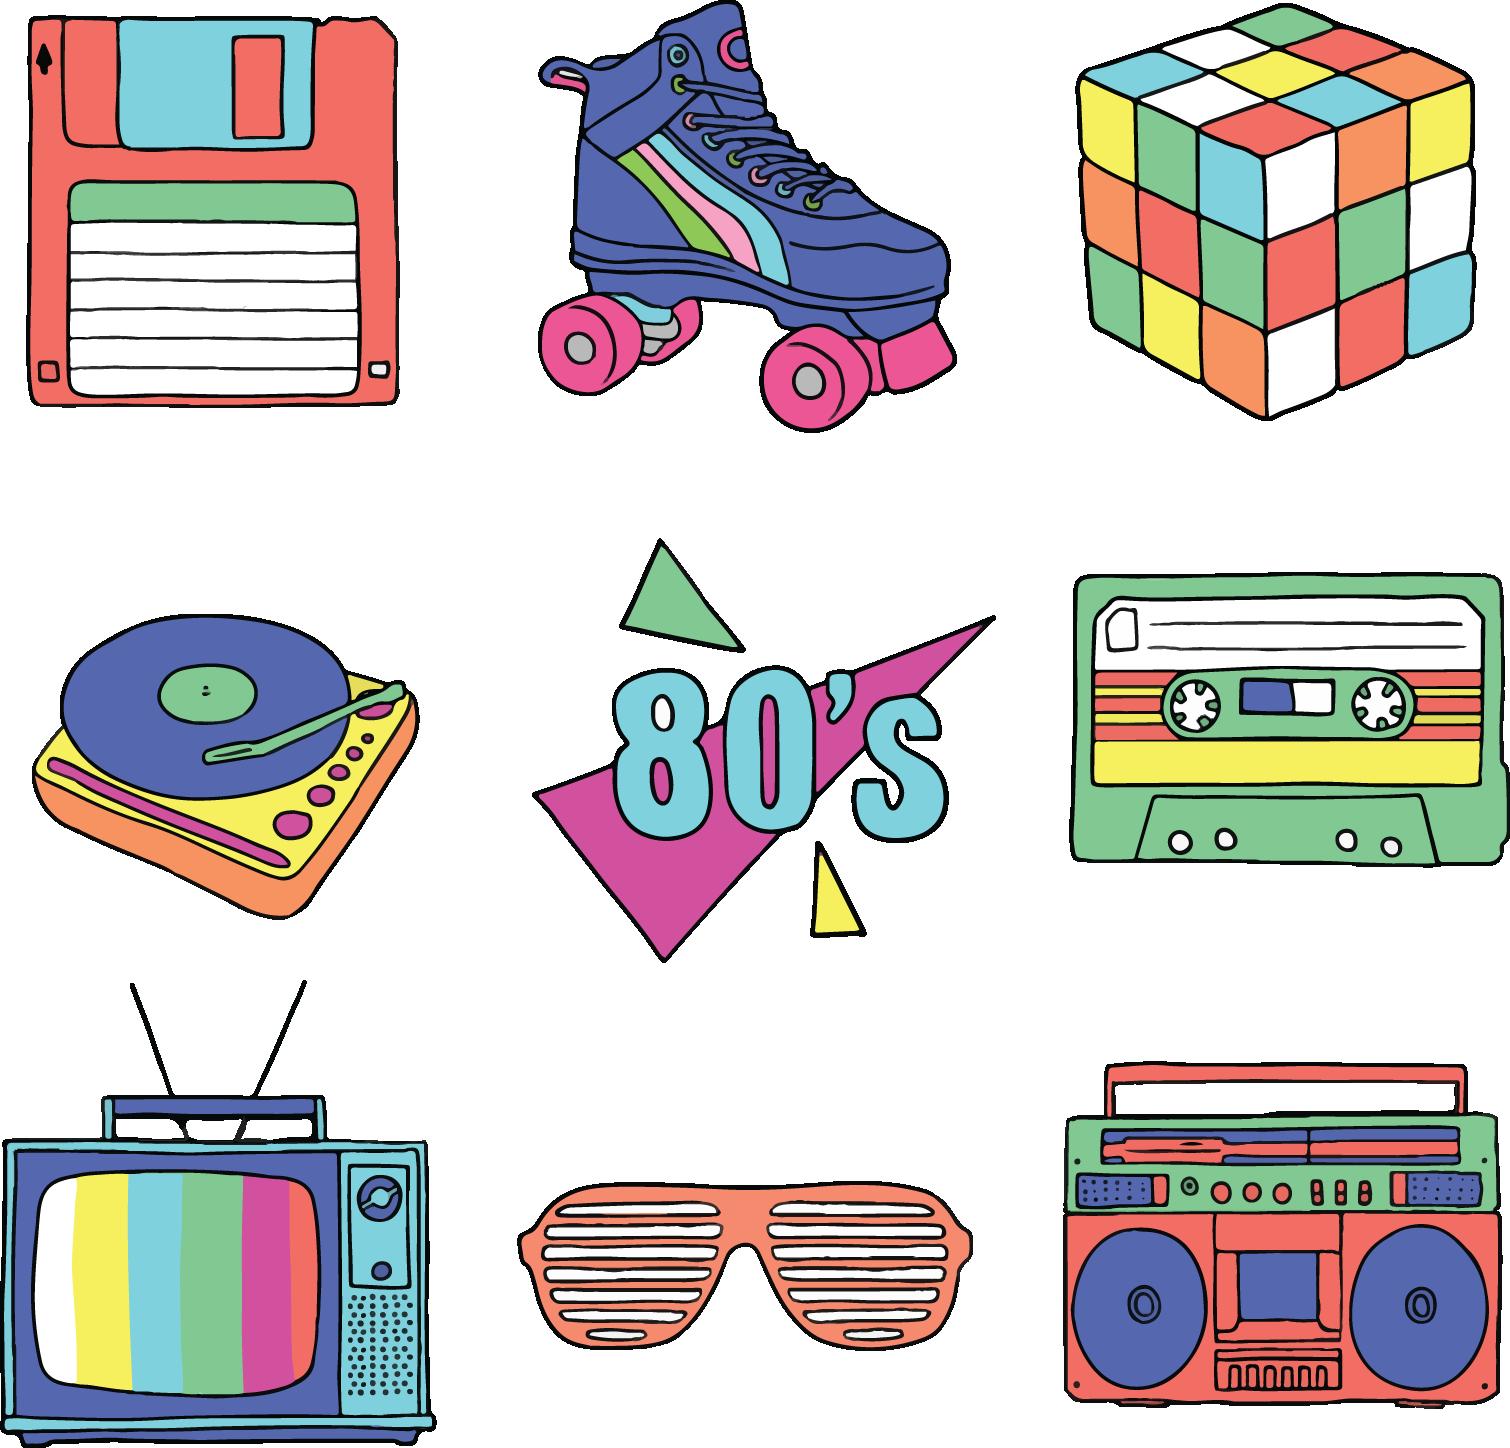 banner 80's clipart casette tape. Adobe illustrator clip art